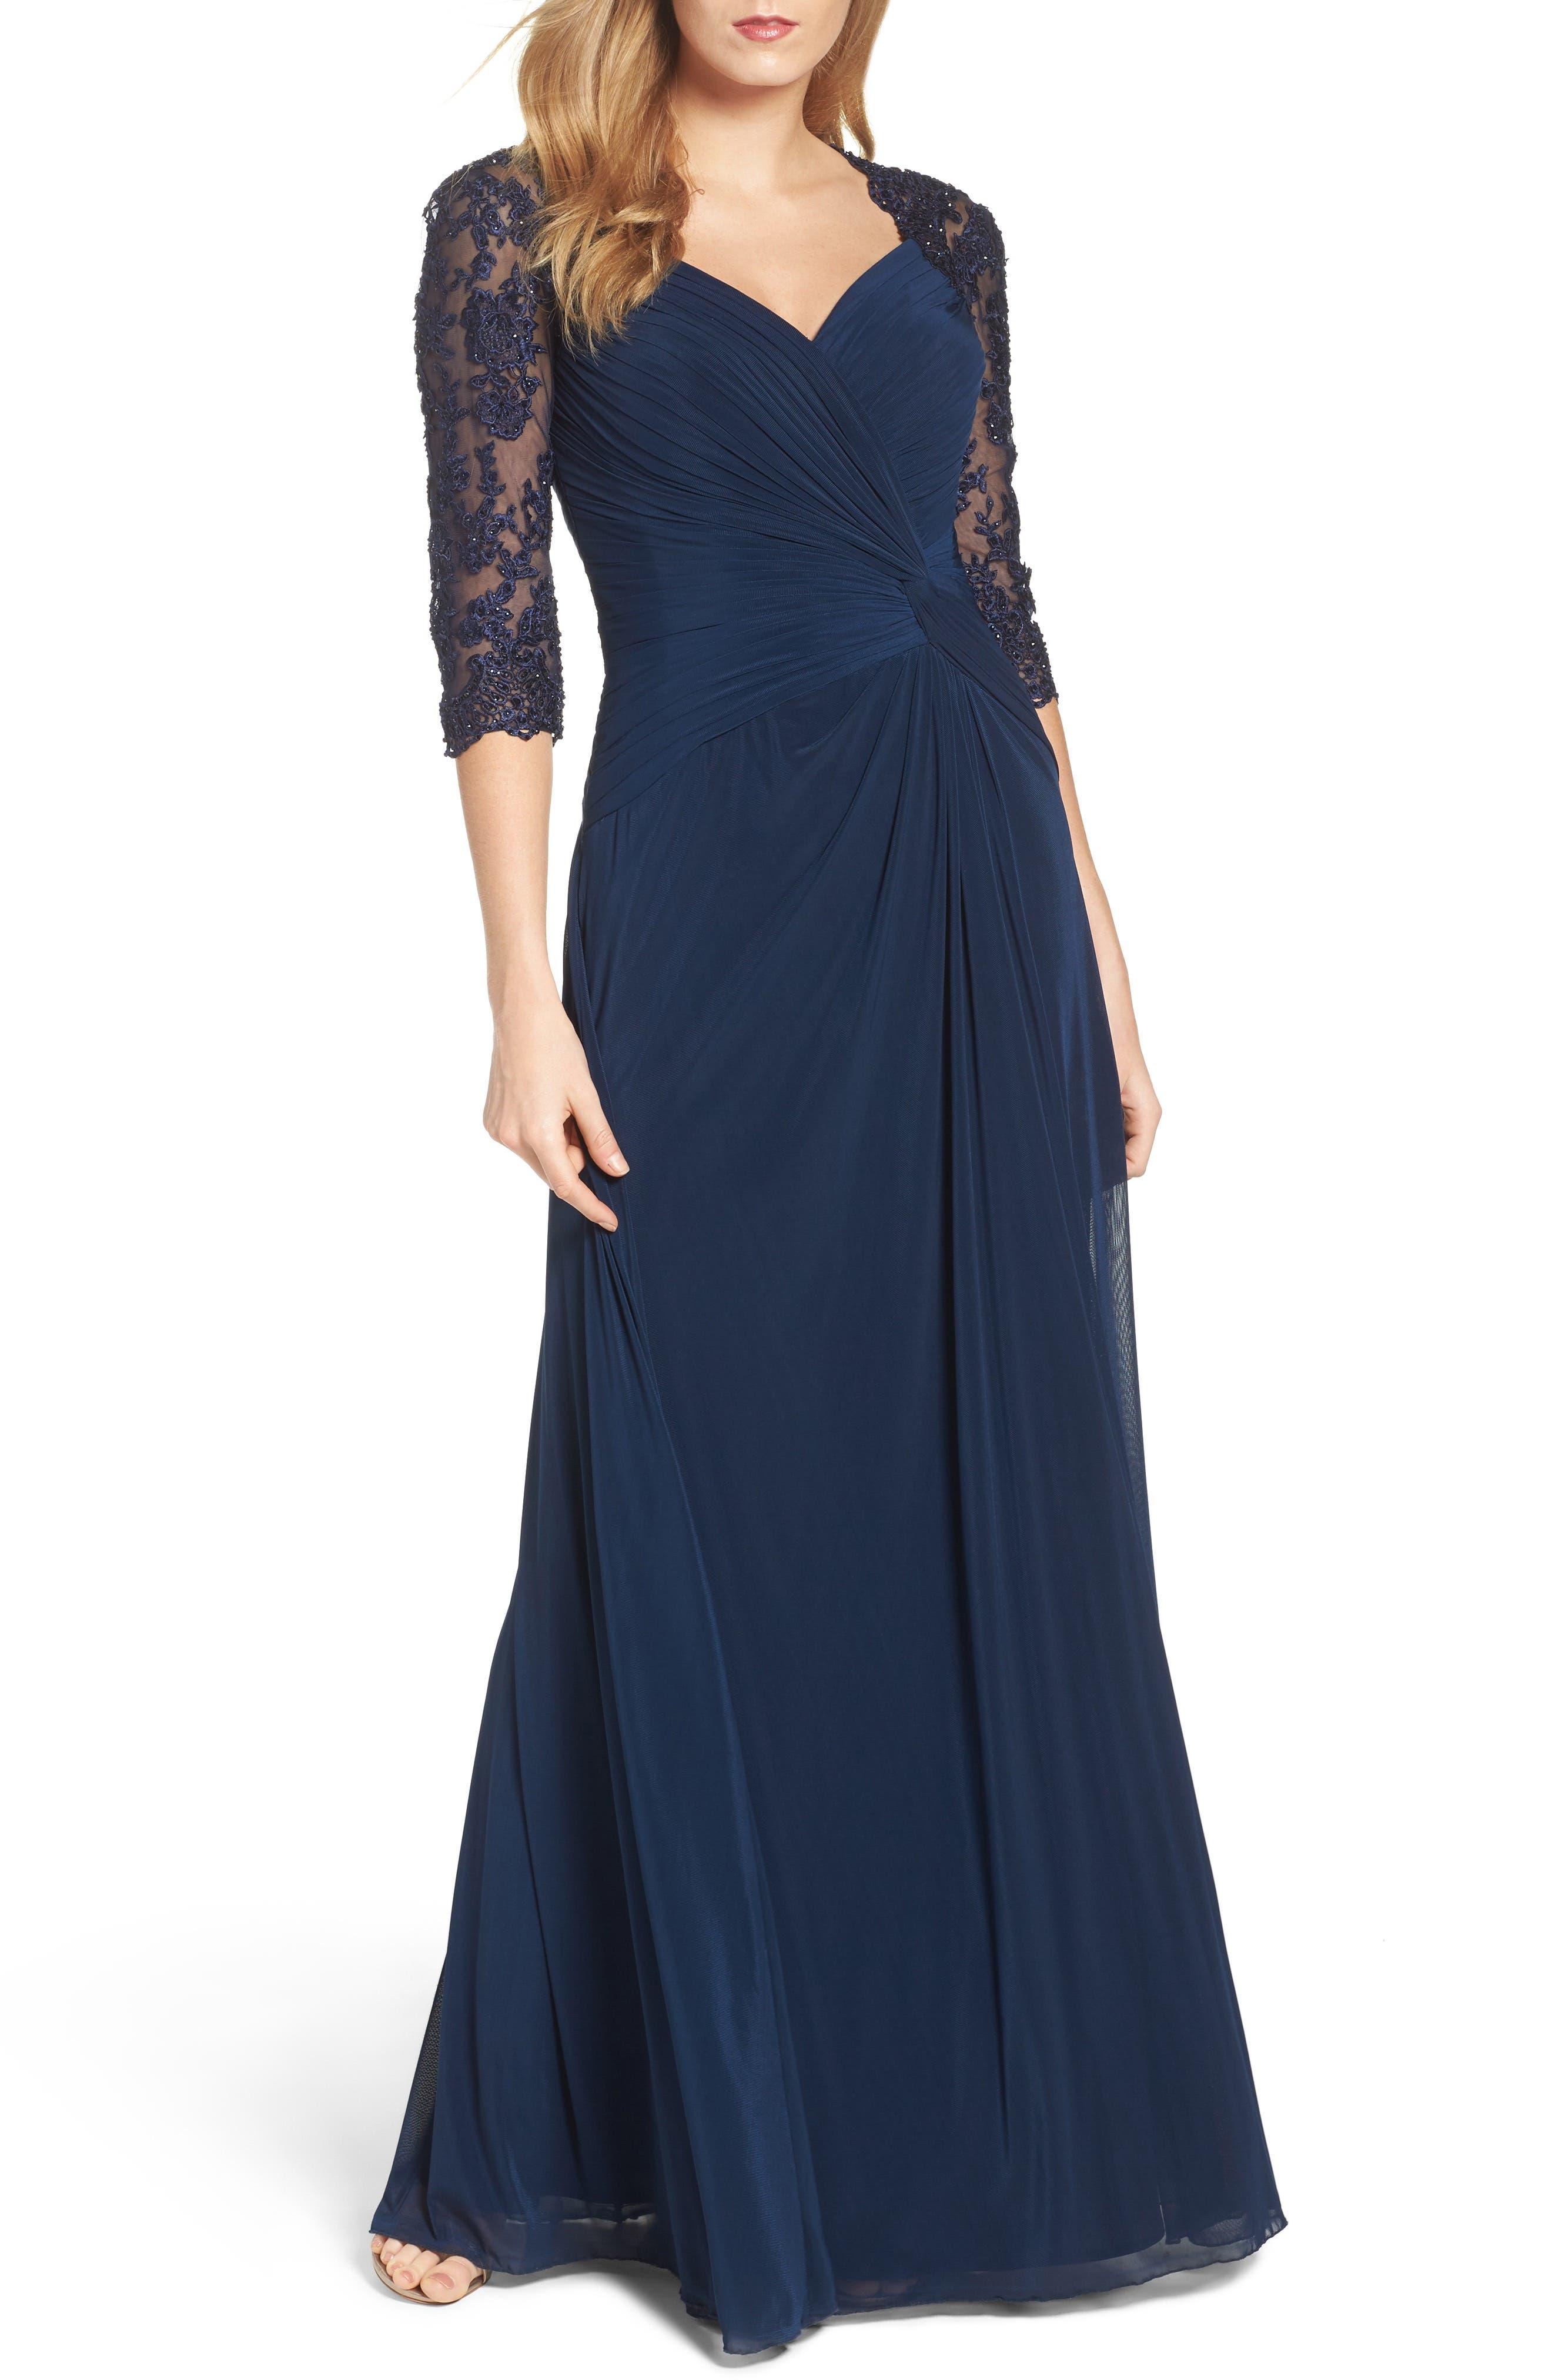 Main Image - La Femme Lace & Net Ruched Twist Front Gown